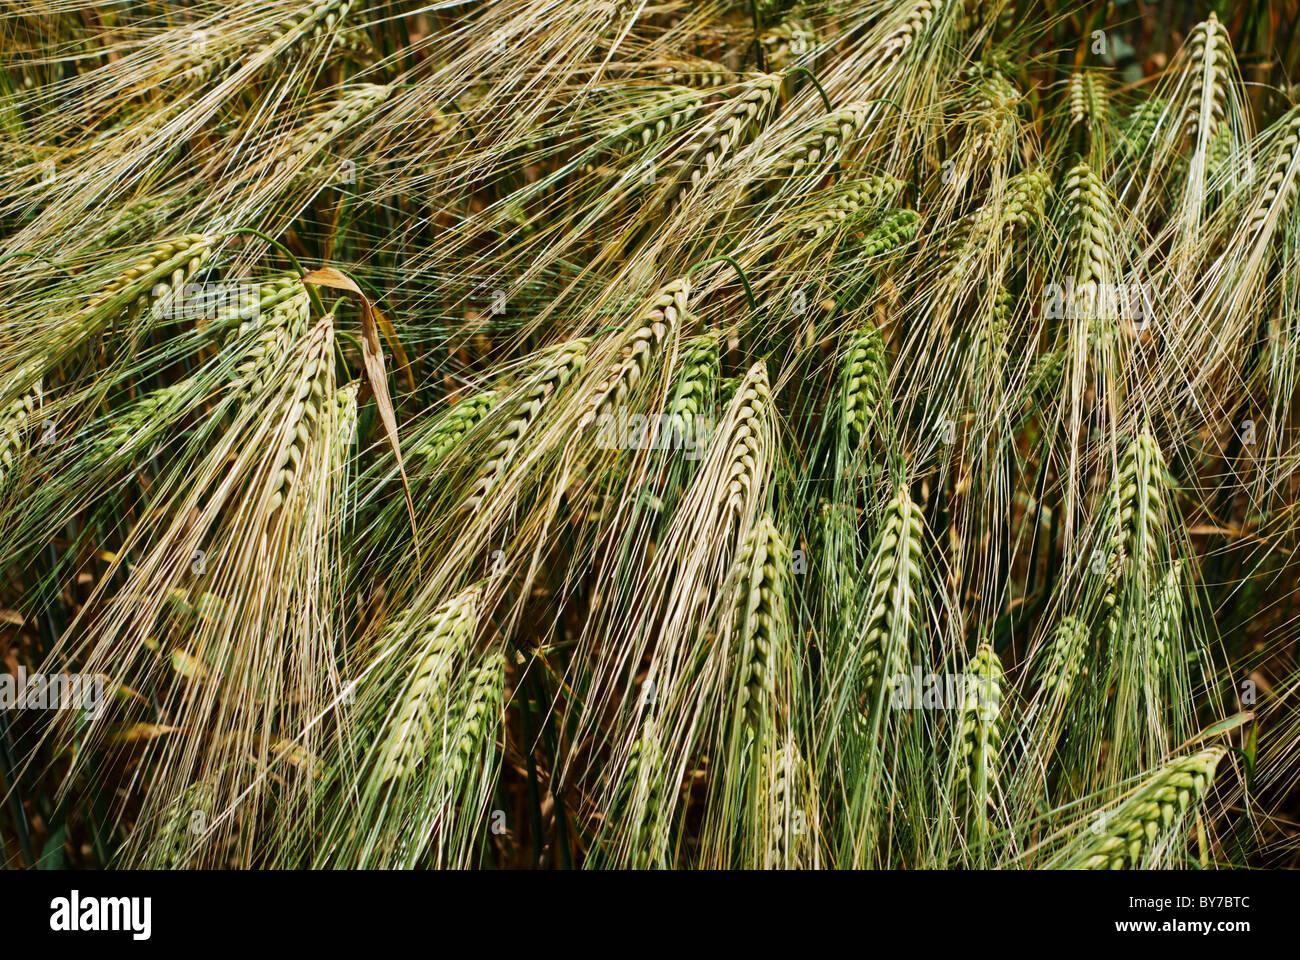 Grupo de jefes de la cebada verde y dorado Imagen De Stock